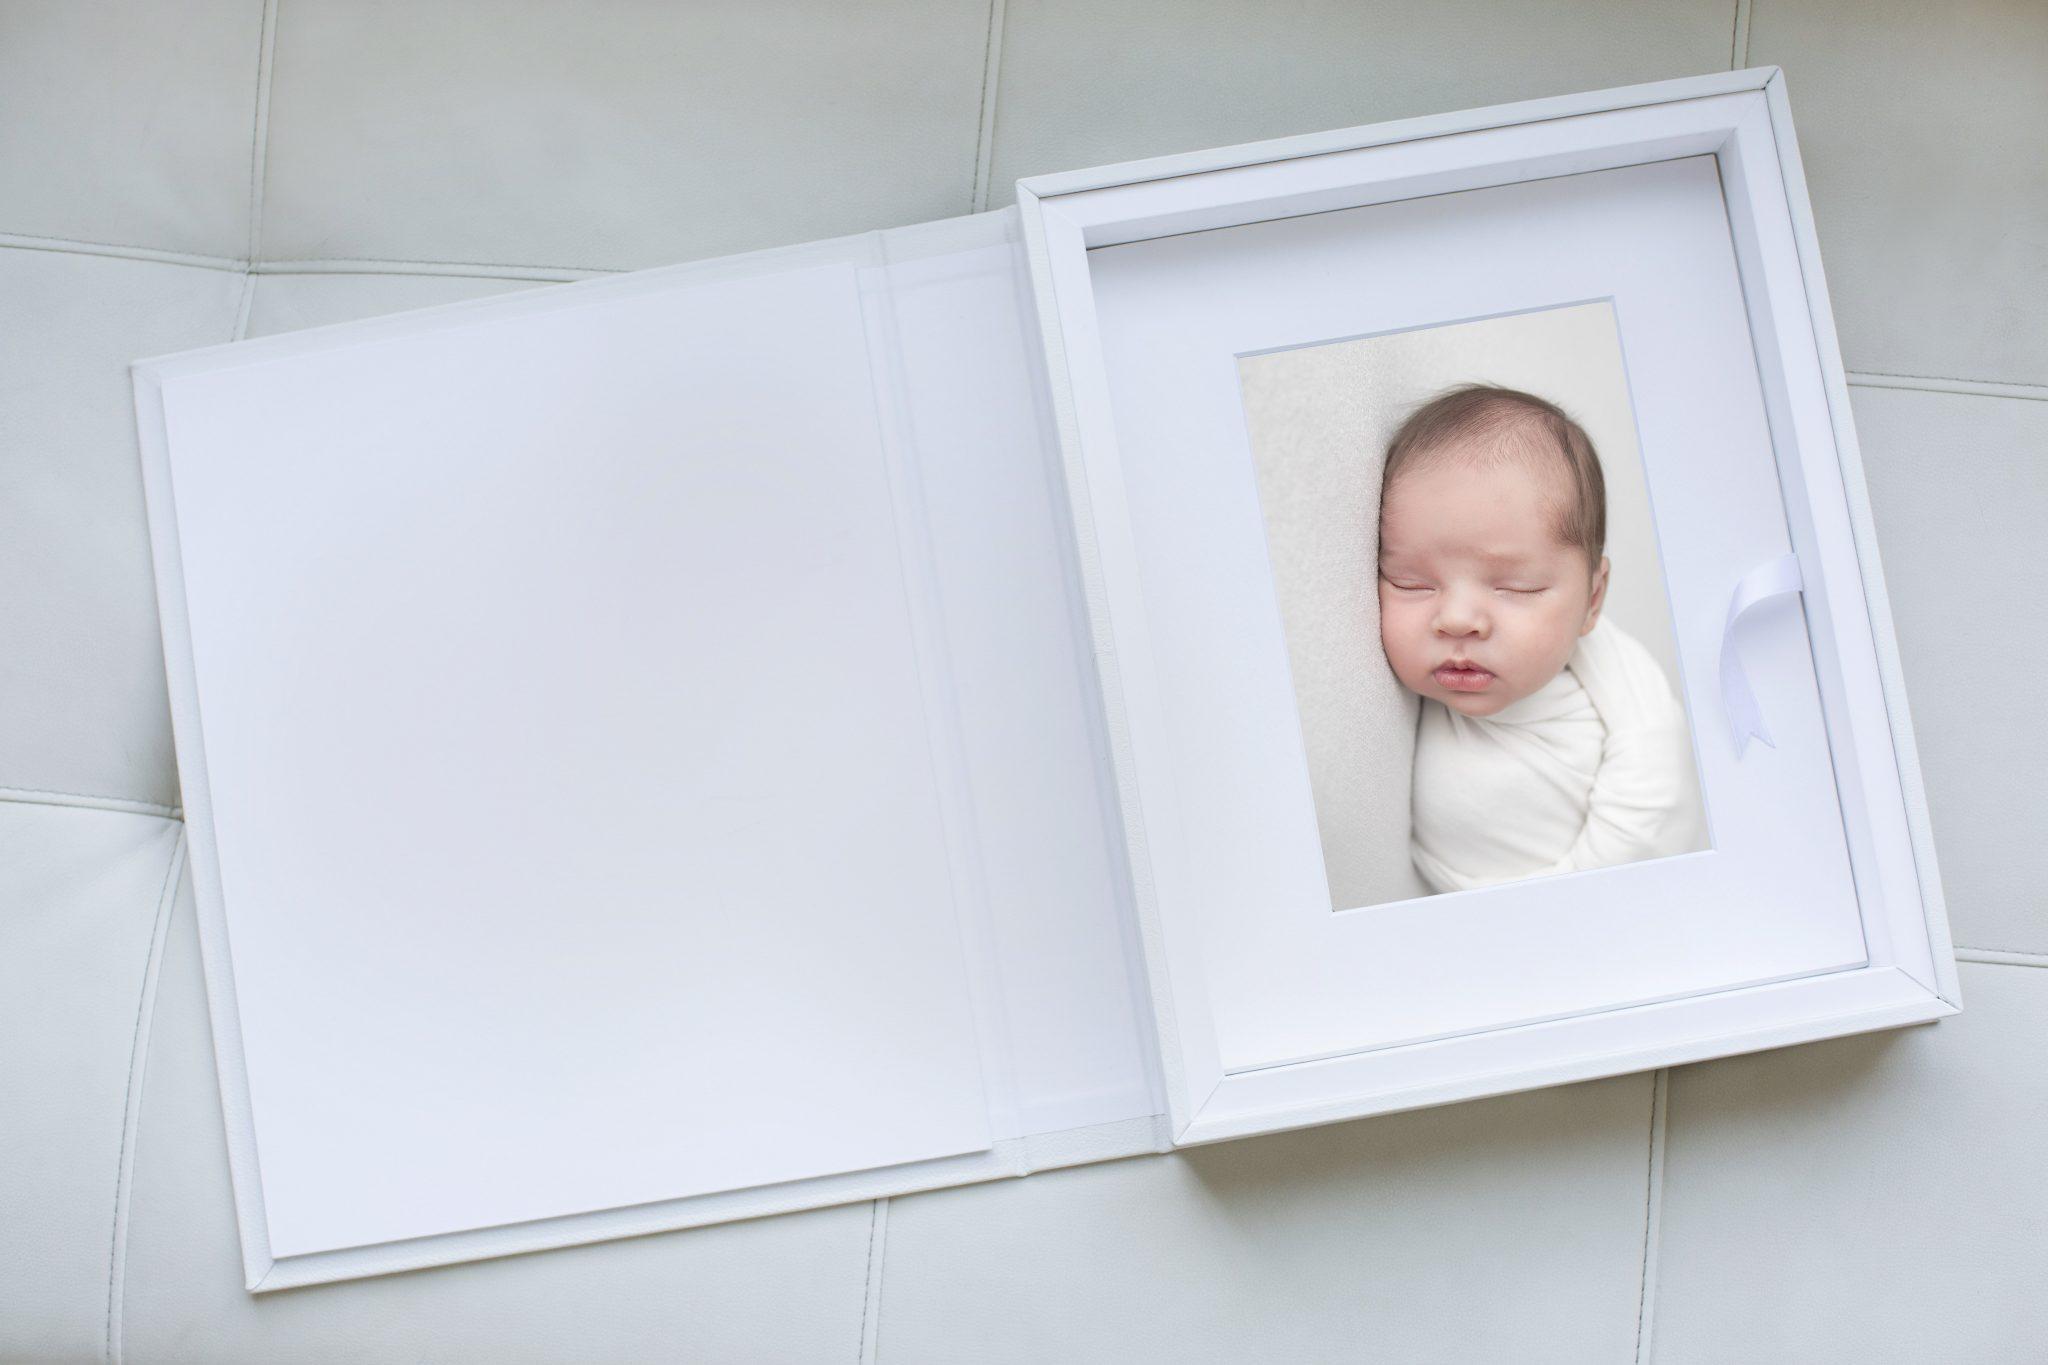 Beata-Praska-Fotografia-Madrid-newborn